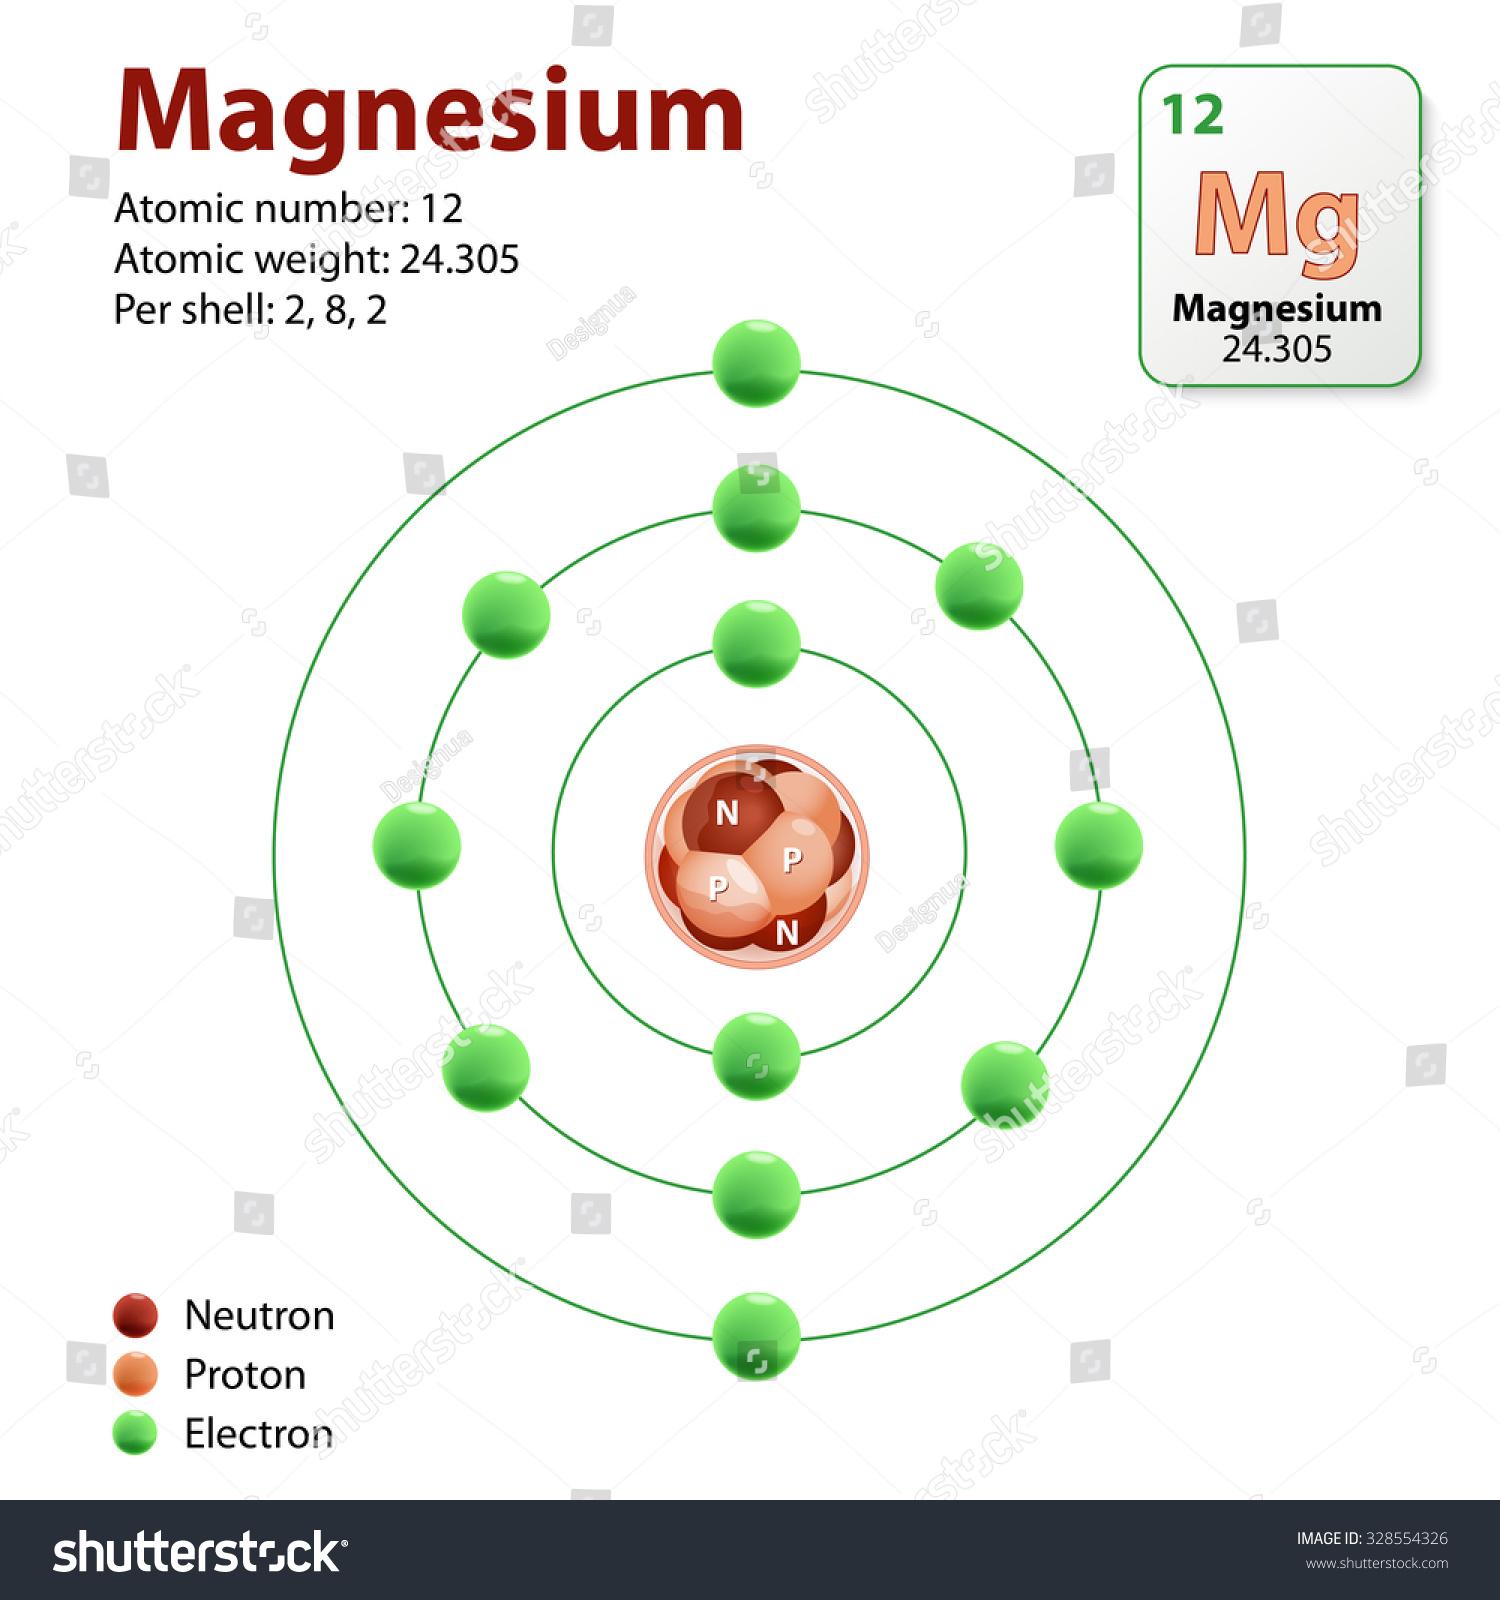 Magnesium Atom Diagram Representation Of The Element